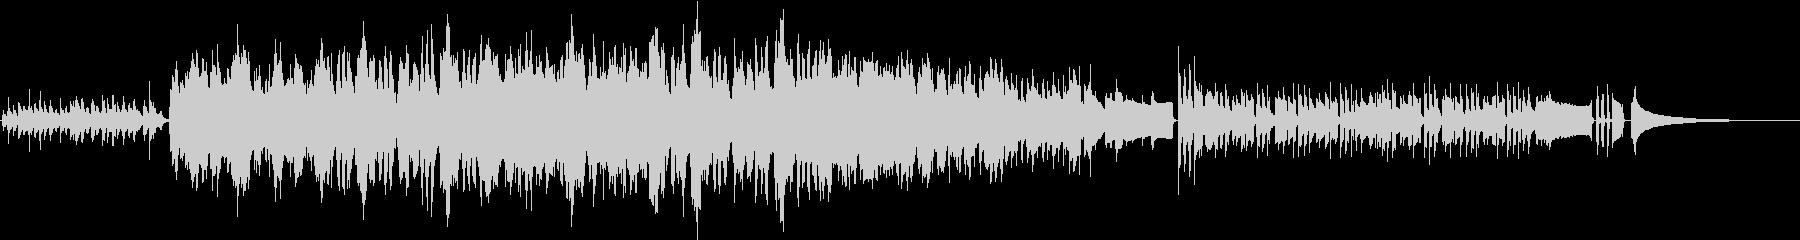 鍵盤ハーモニとクラリネットの日常コミカルの未再生の波形